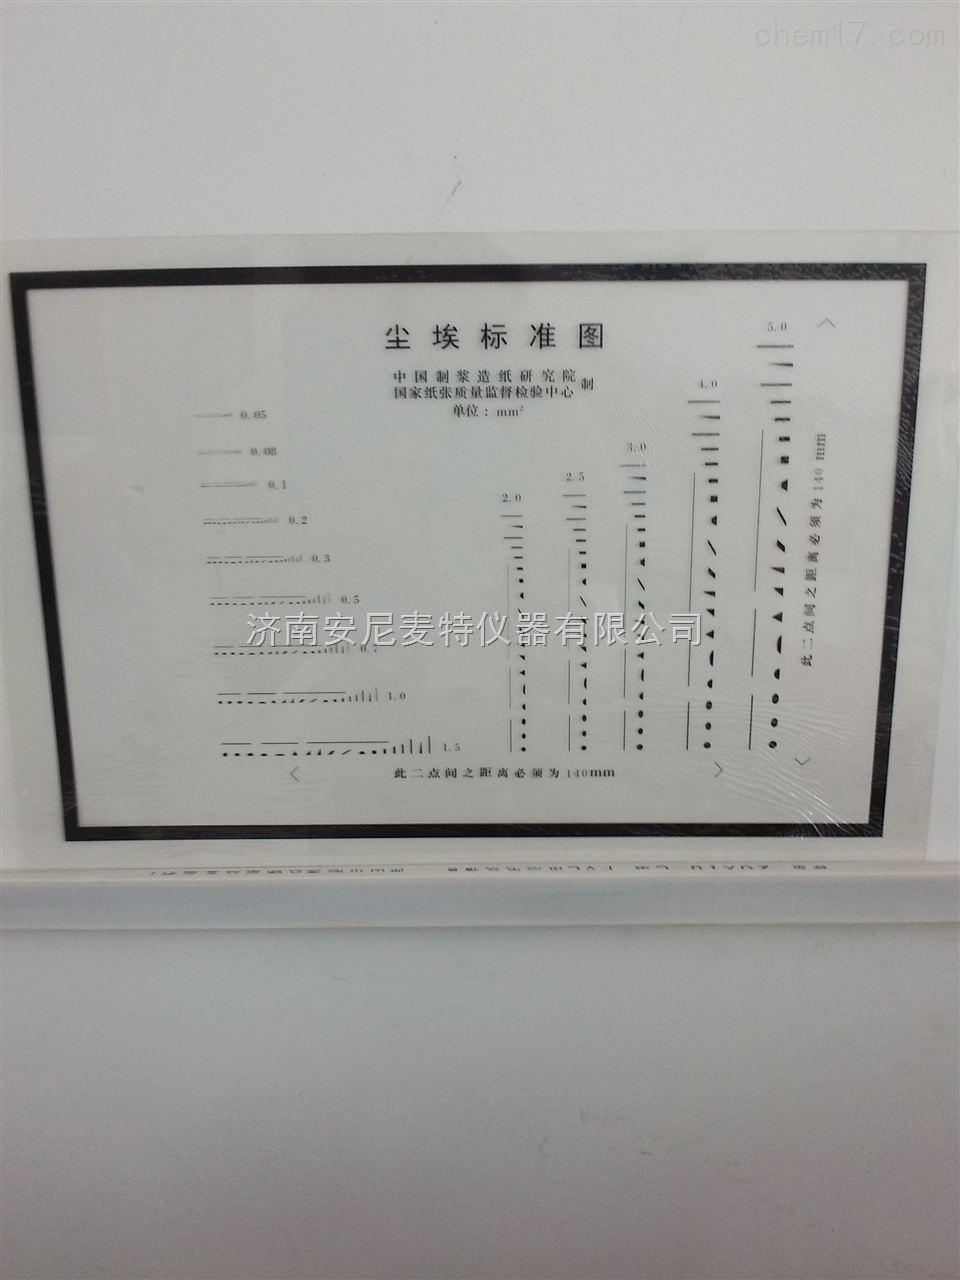 尘埃度仪图片 尘埃度试验标准对比图片 尘埃度照片